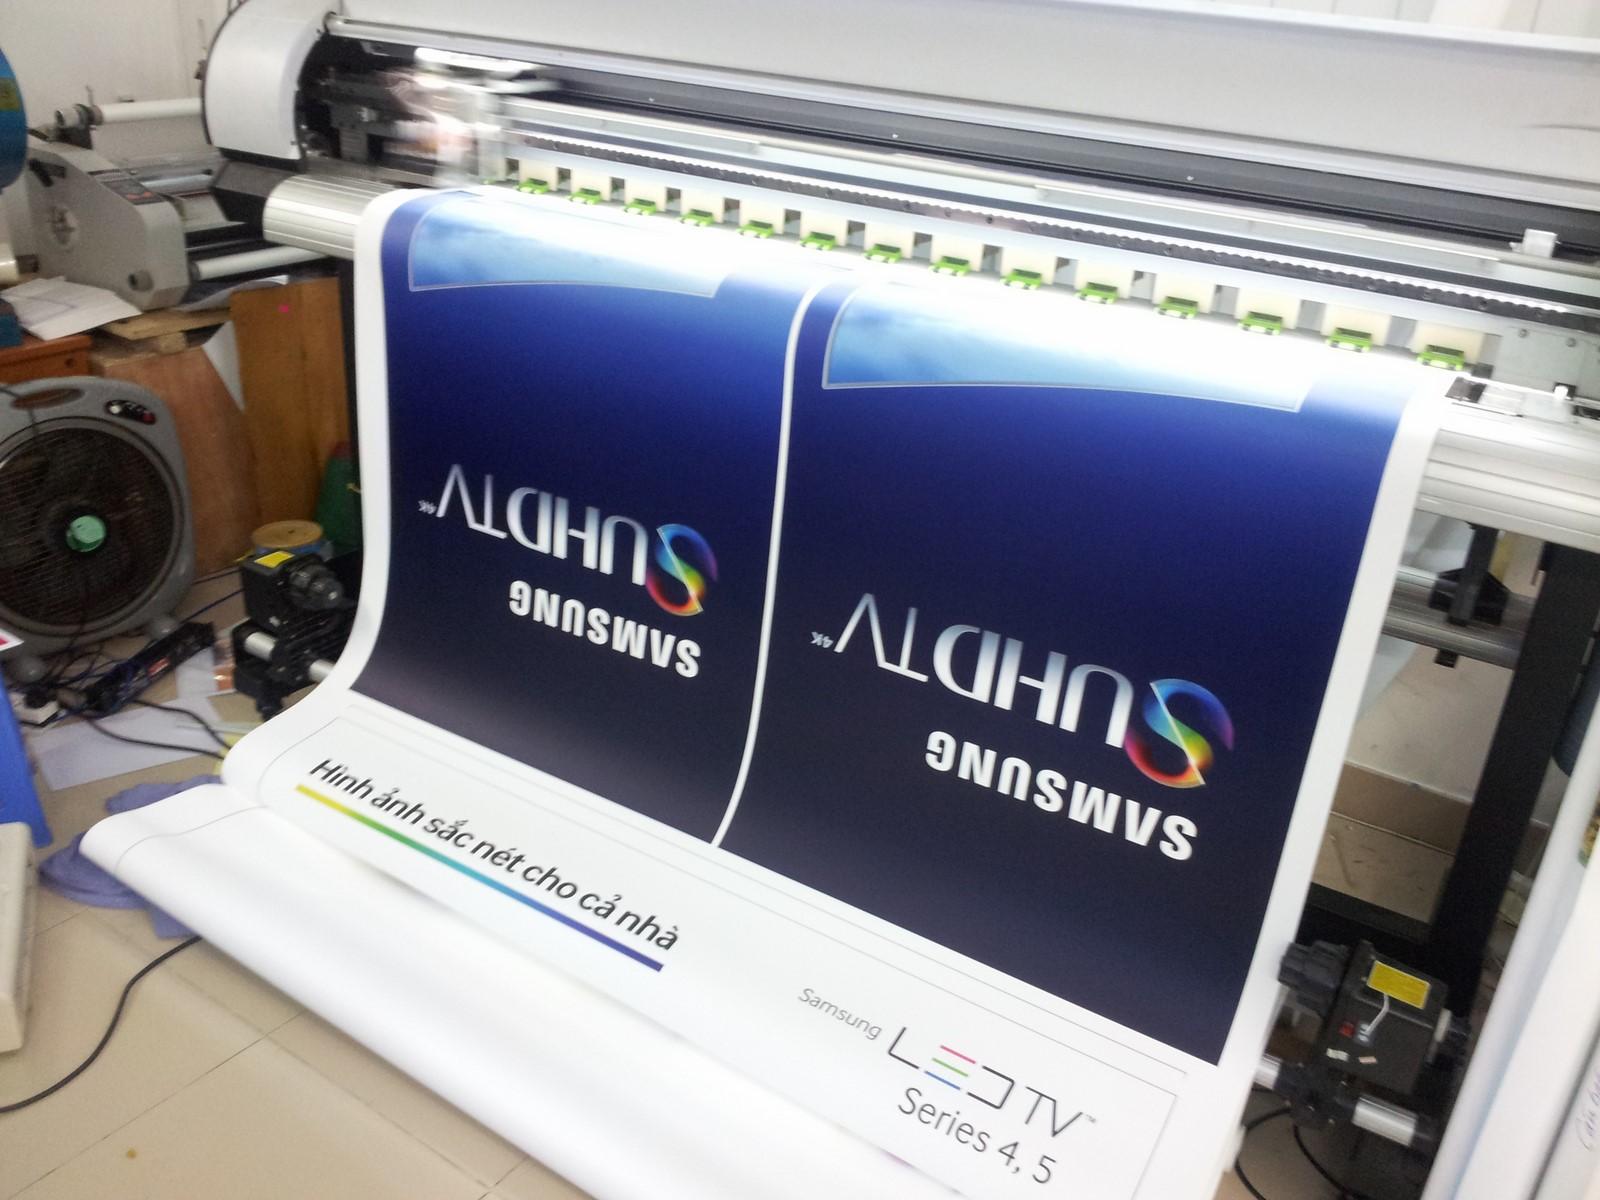 Tất cả các sản phẩm poster gắn standee đều được in bằng máy in khổ lớn, hiện đại cho thành phẩm in chất lượng siêu đẹp